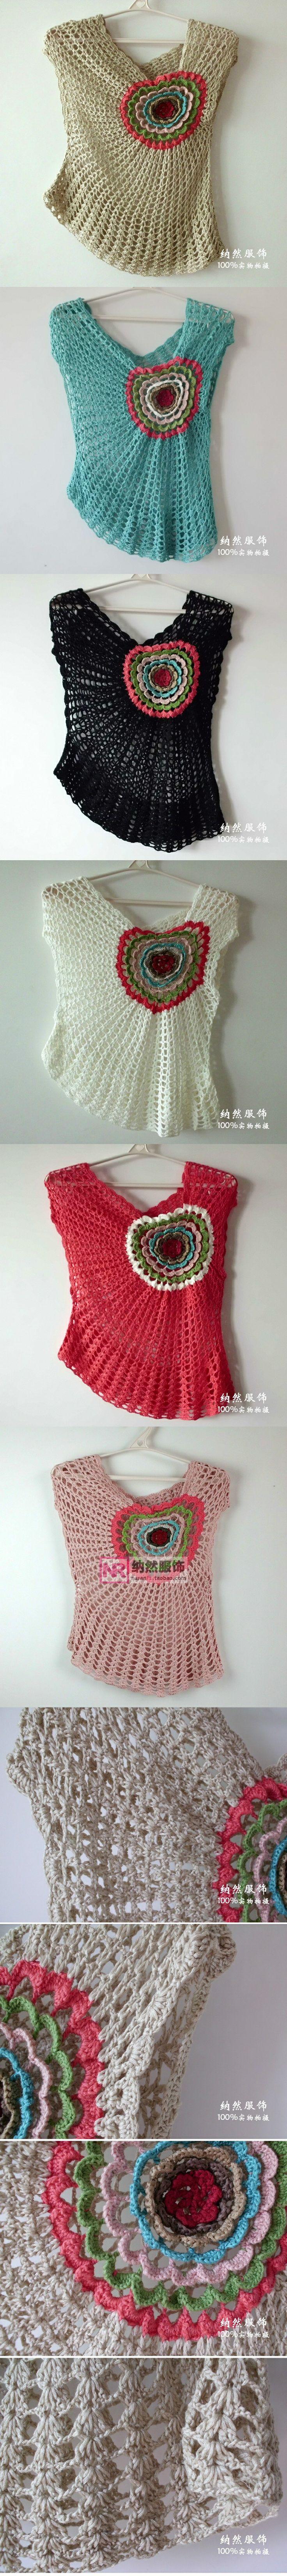 Blusa de verão assimétrica em crochê - photos of crochet tops - Japanese (?) site; many more interesting tops like this on the site